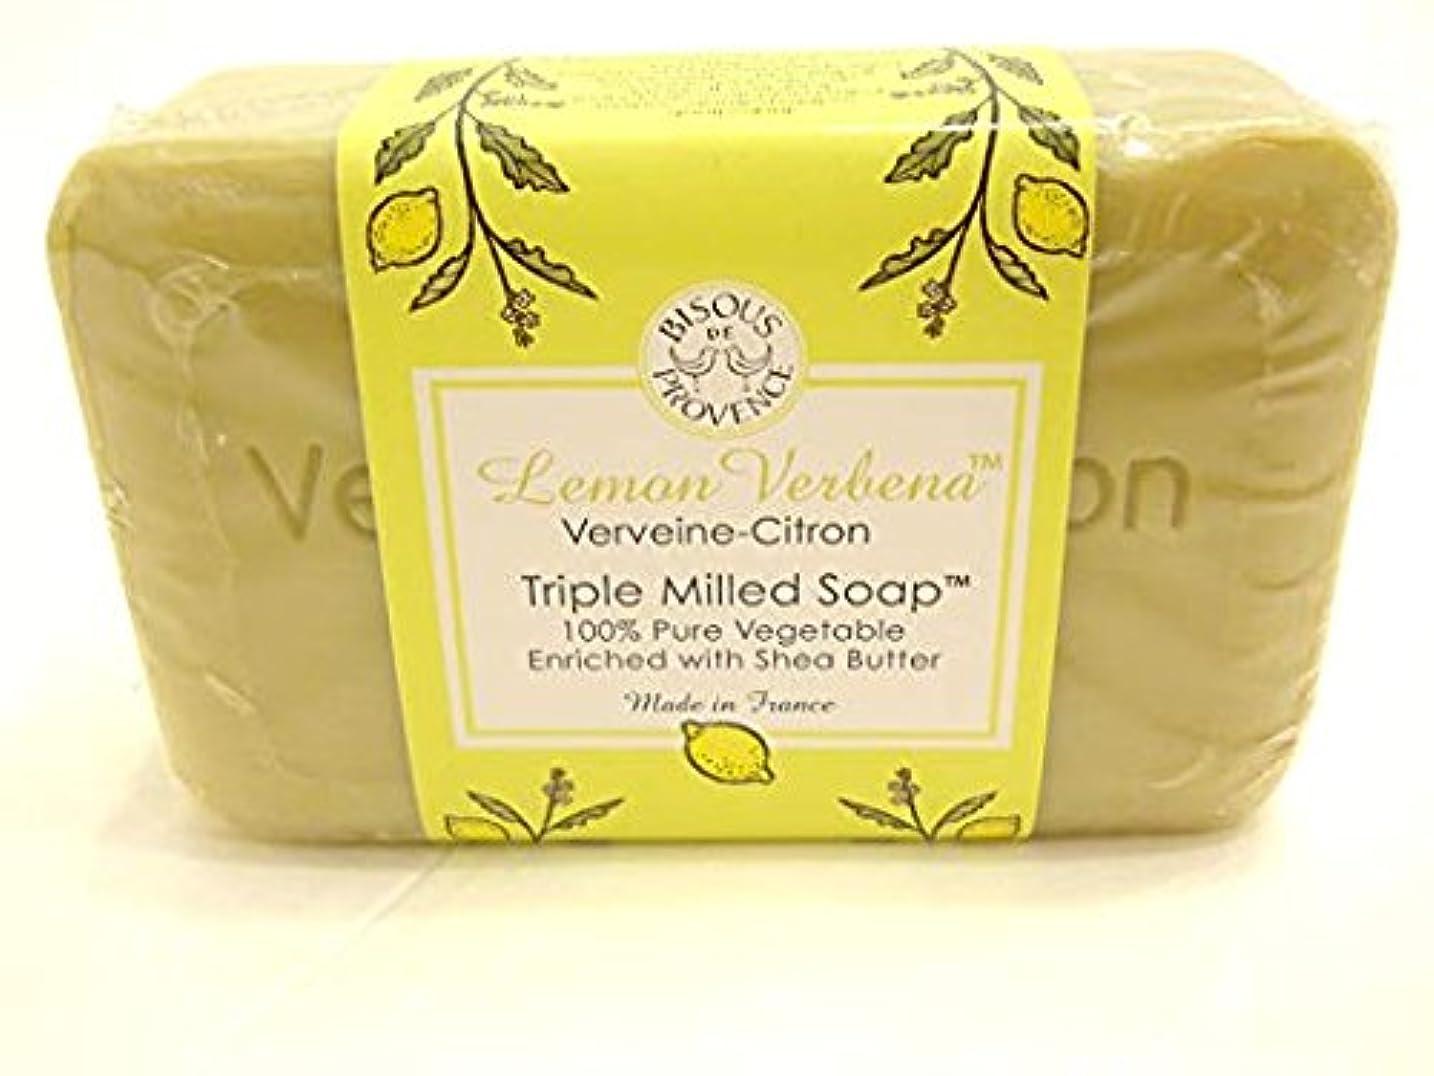 原子炉迫害従順[トレーダージョーズ] トリプルミルドソープ レモンバーベナ 海外直送品/Trader Joe's Triple Milled Soap Lemon Verbena [並行輸入品]